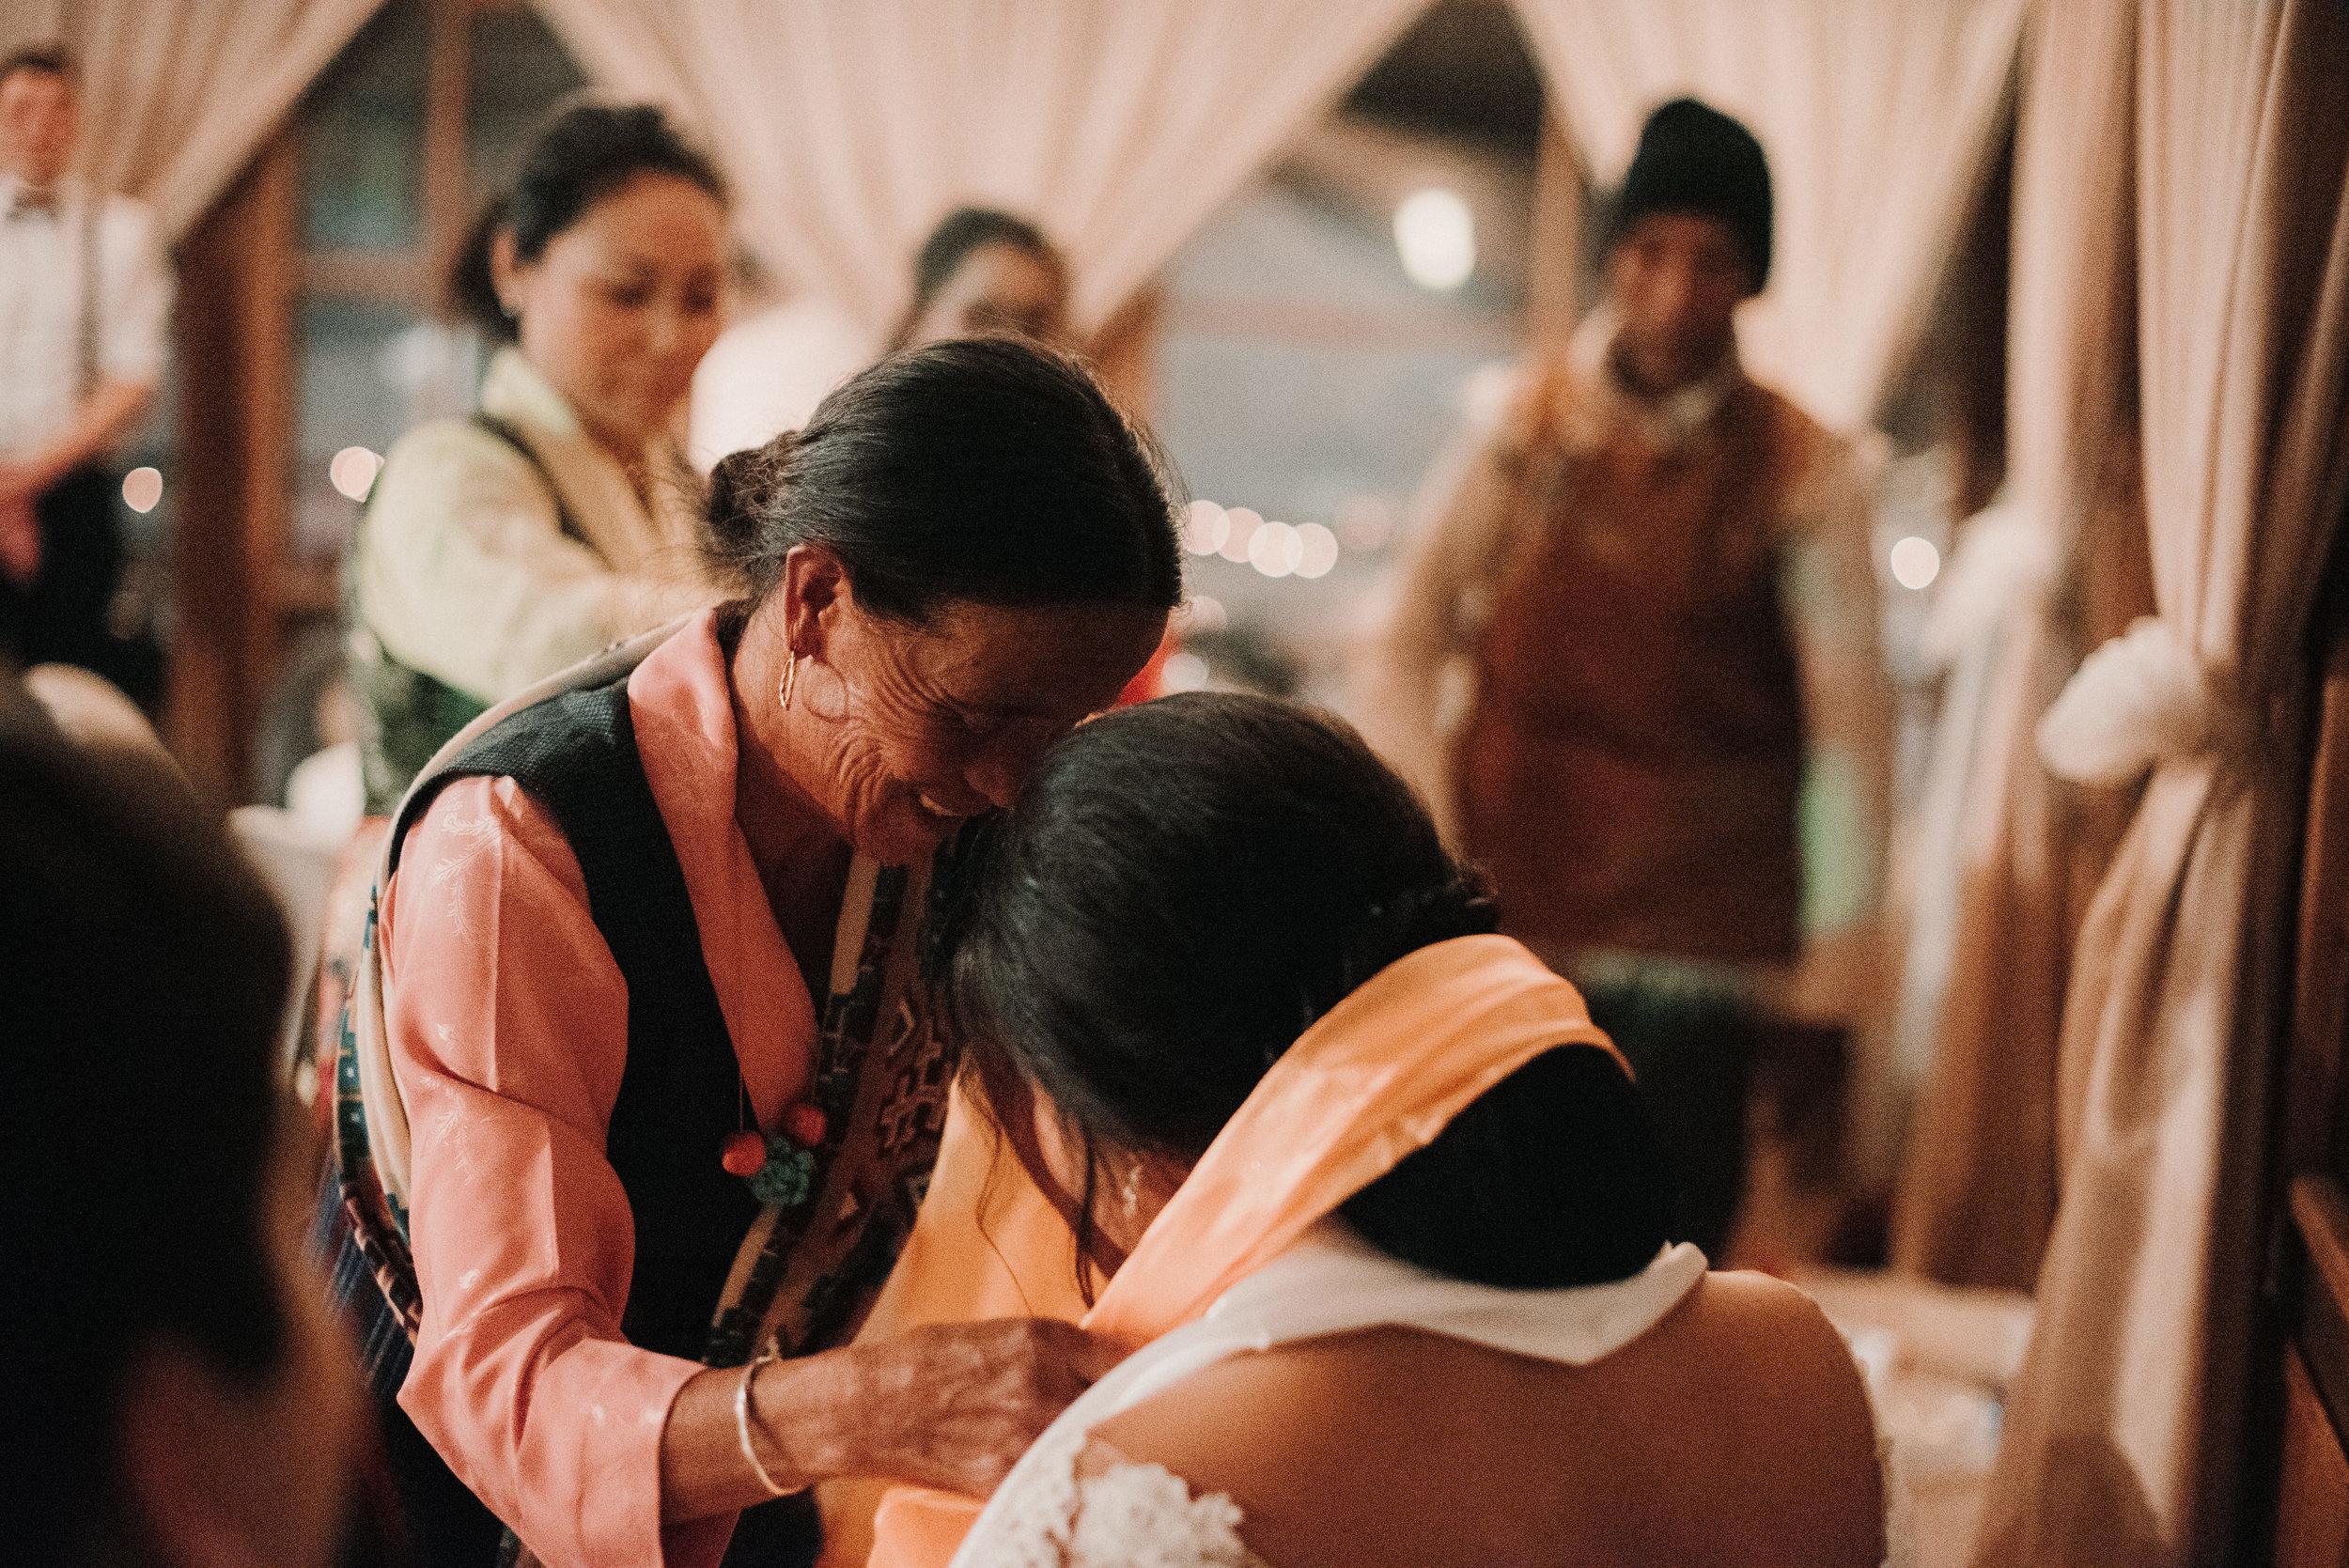 Léa-Fery-photographe-professionnel-lyon-rhone-alpes-portrait-creation-mariage-evenement-evenementiel-famille-8574.jpg